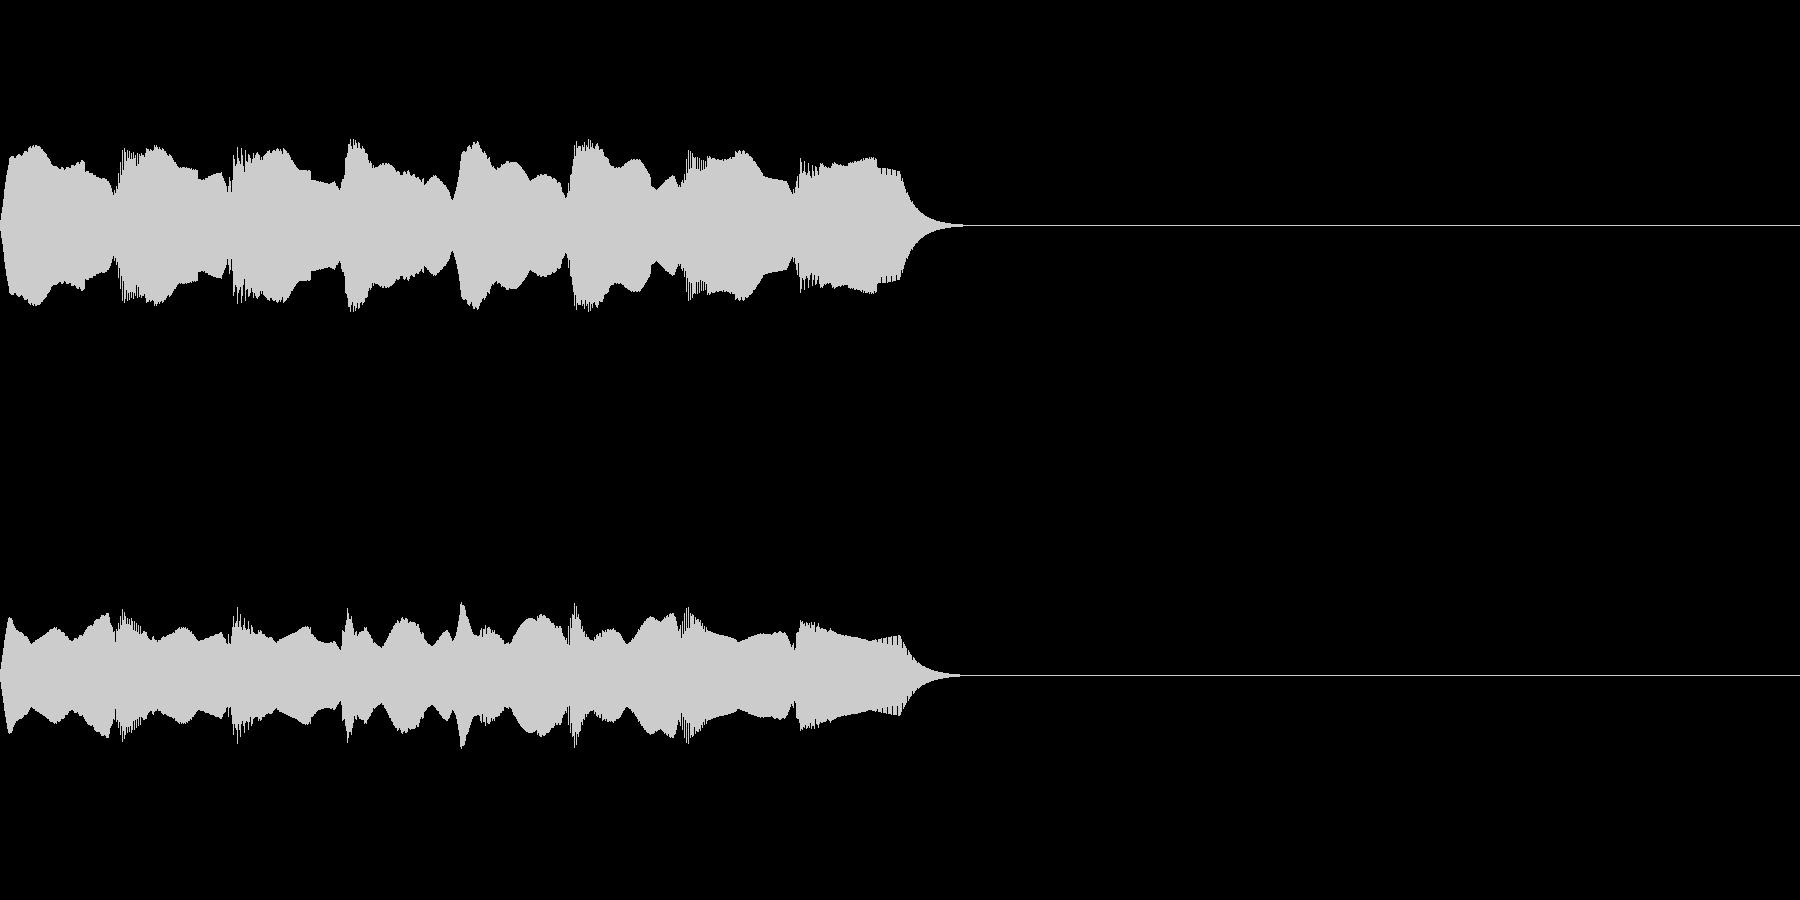 スマホや携帯電話のシンプルな着信音ですの未再生の波形